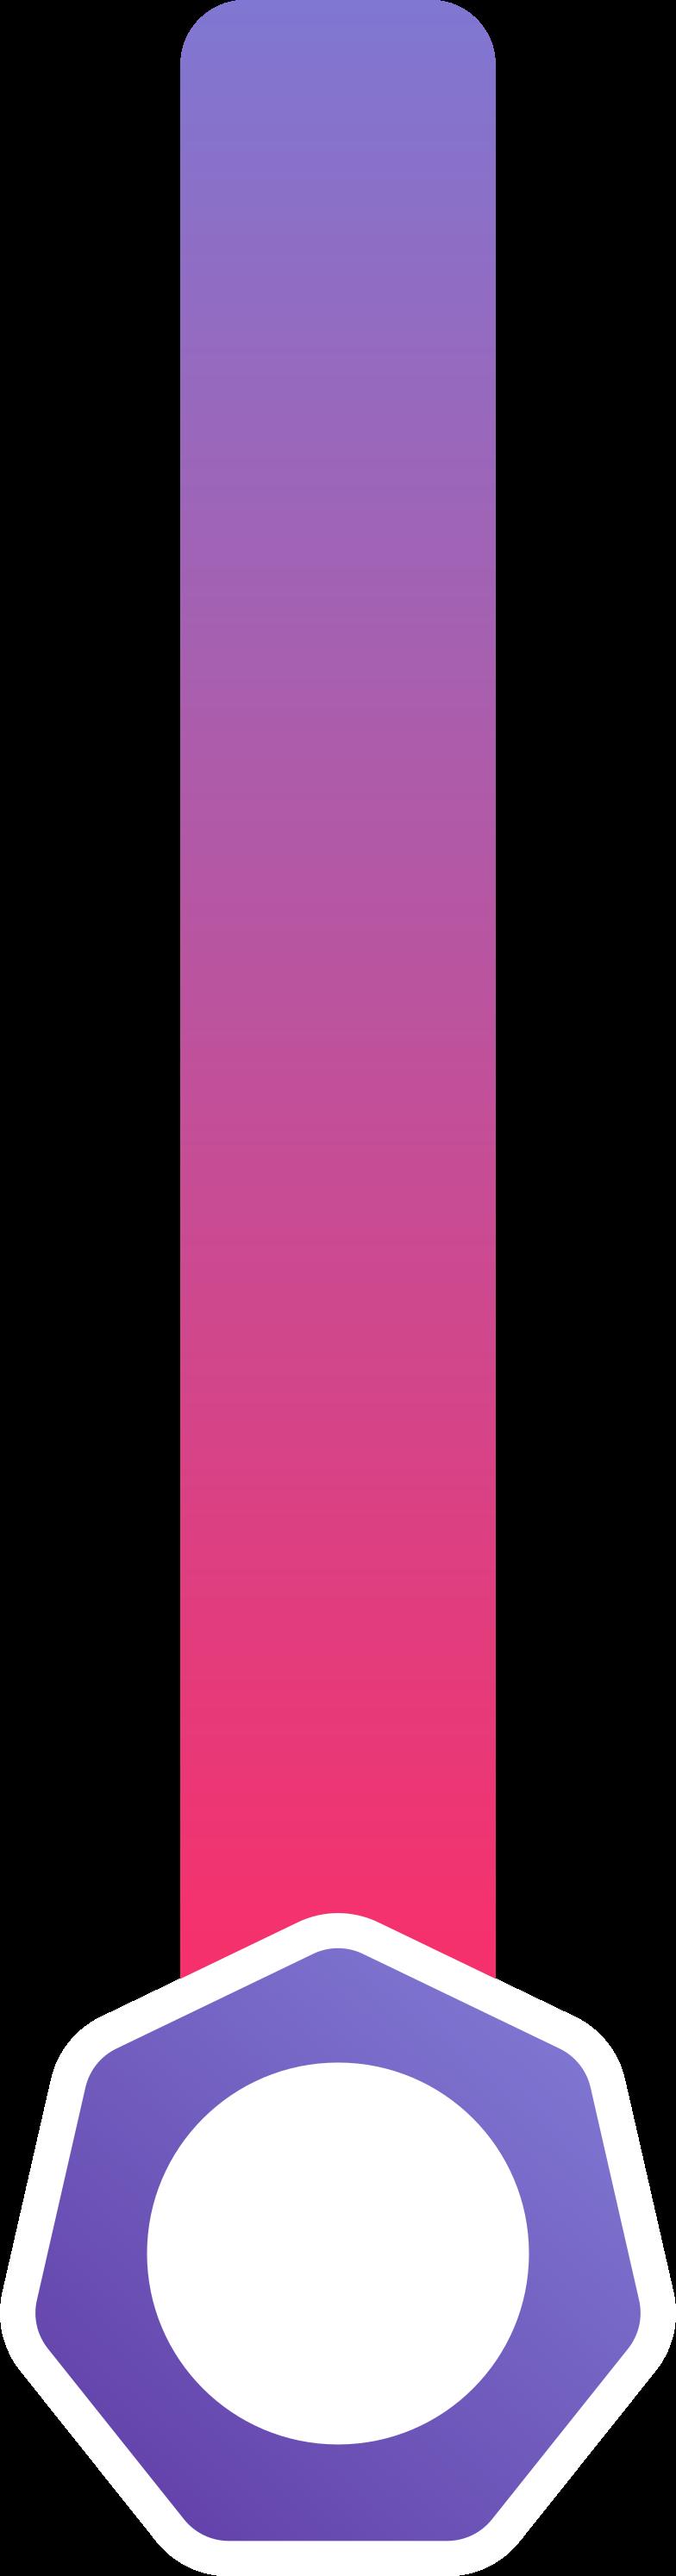 Иллюстрация s предварительный просмотр grdnt load-line в стиле  в PNG и SVG | Icons8 Иллюстрации